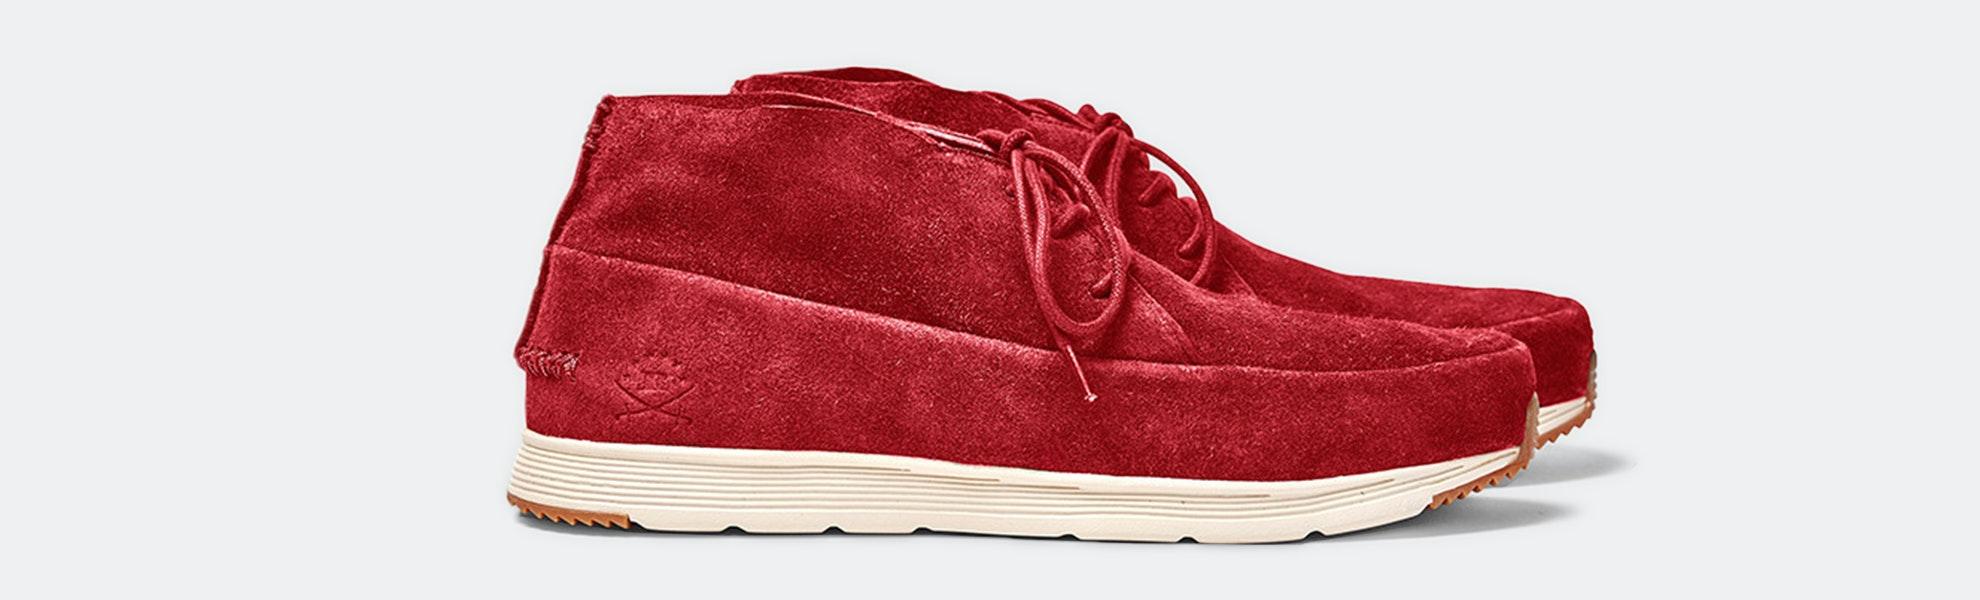 Ransom Holding Co. Alta Mid Chukka Sneakers